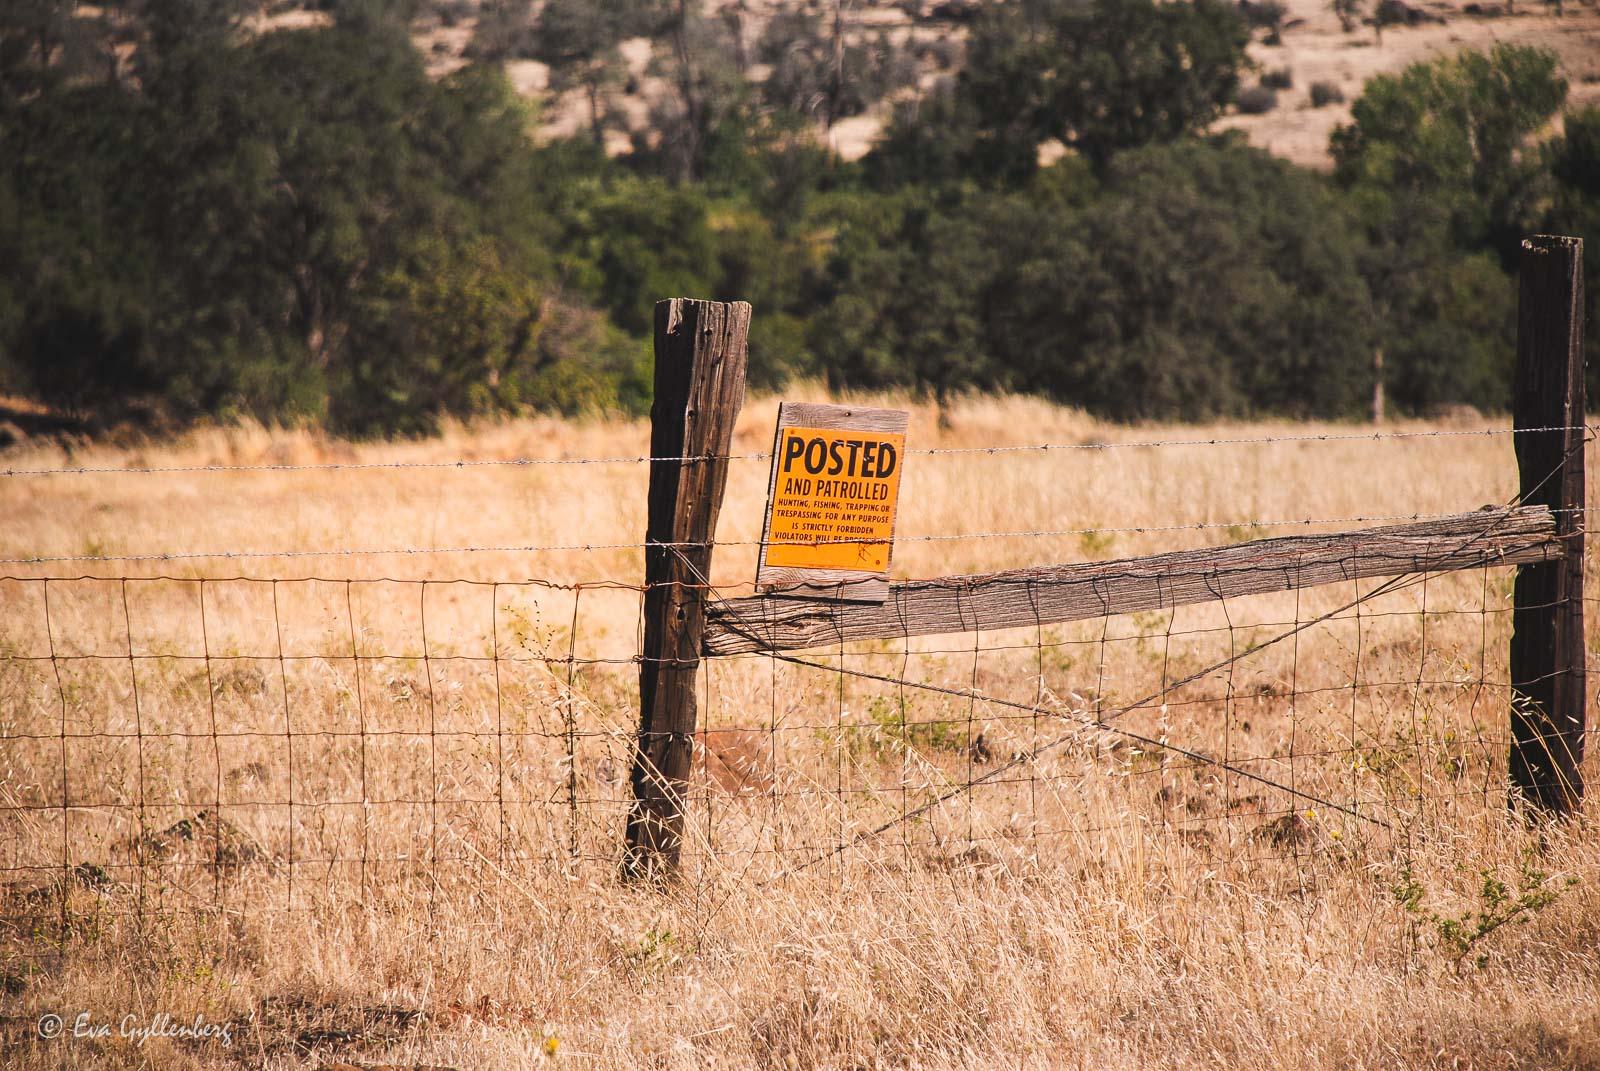 Bildsemester del 1 - Kalifornien i bilder 135